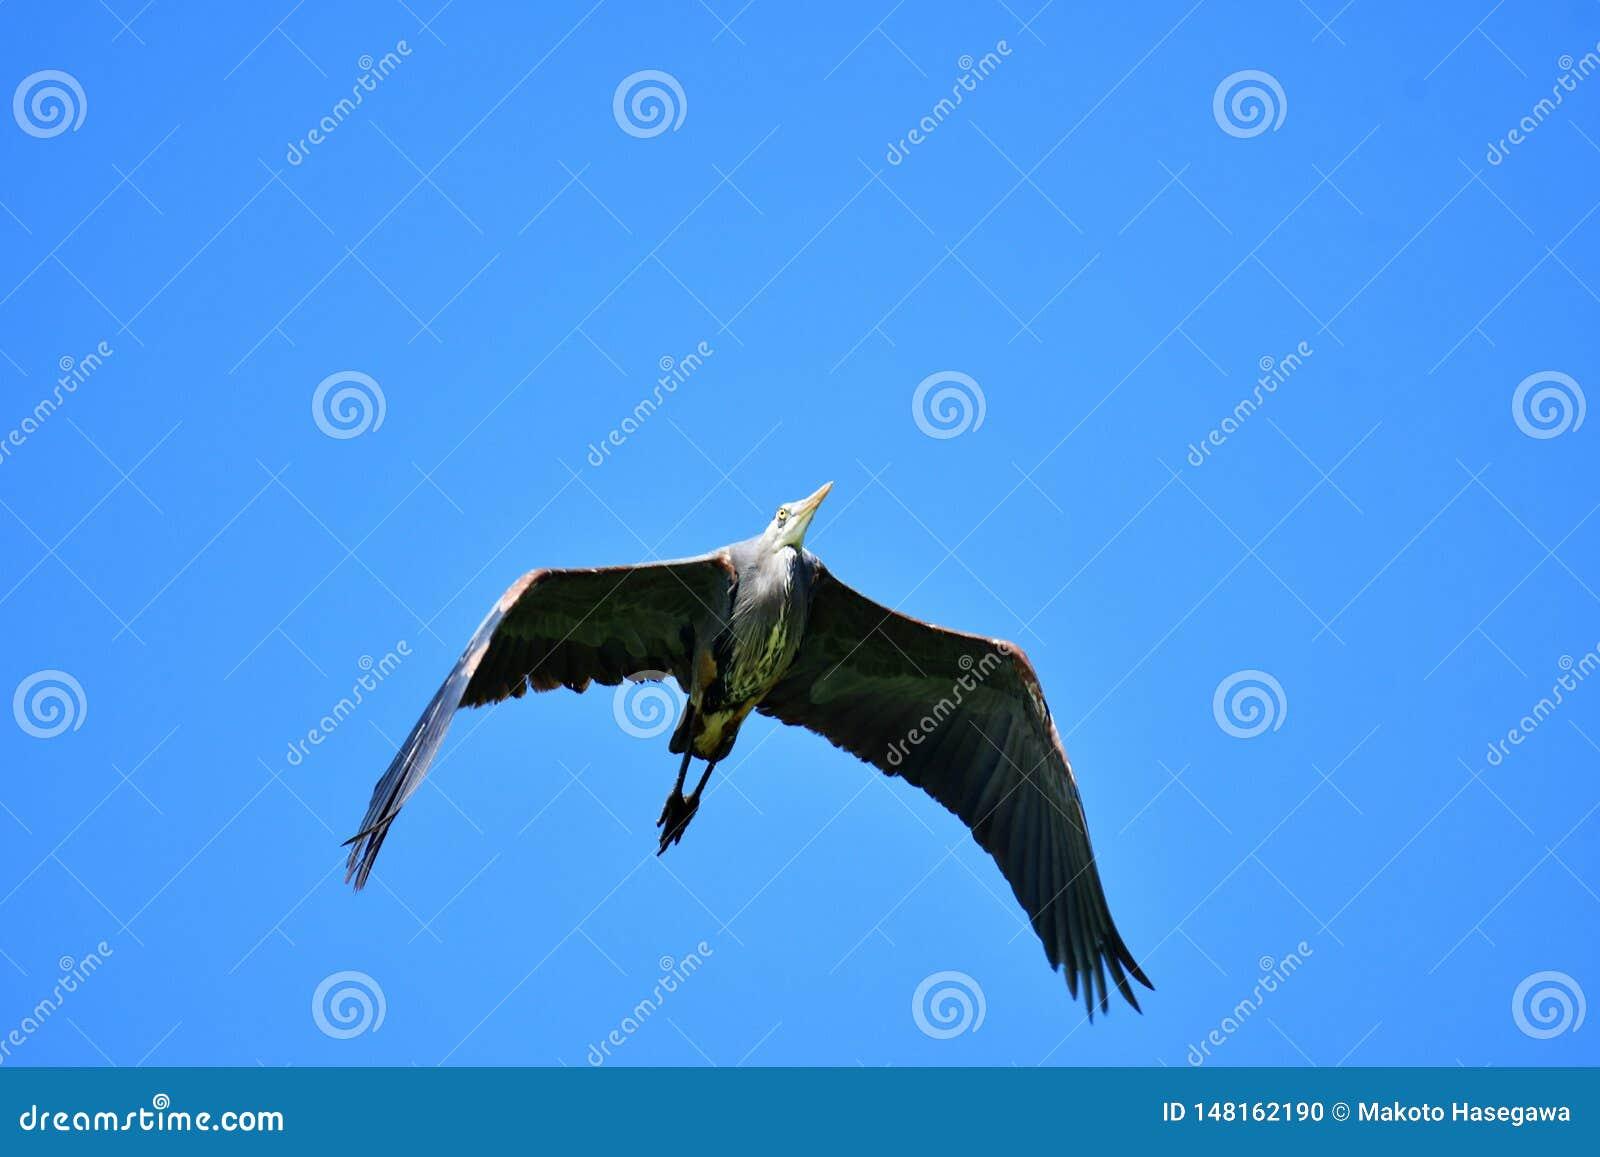 Ein Graureiher fliegt oben, seine Fl?gel verbreitete heraus